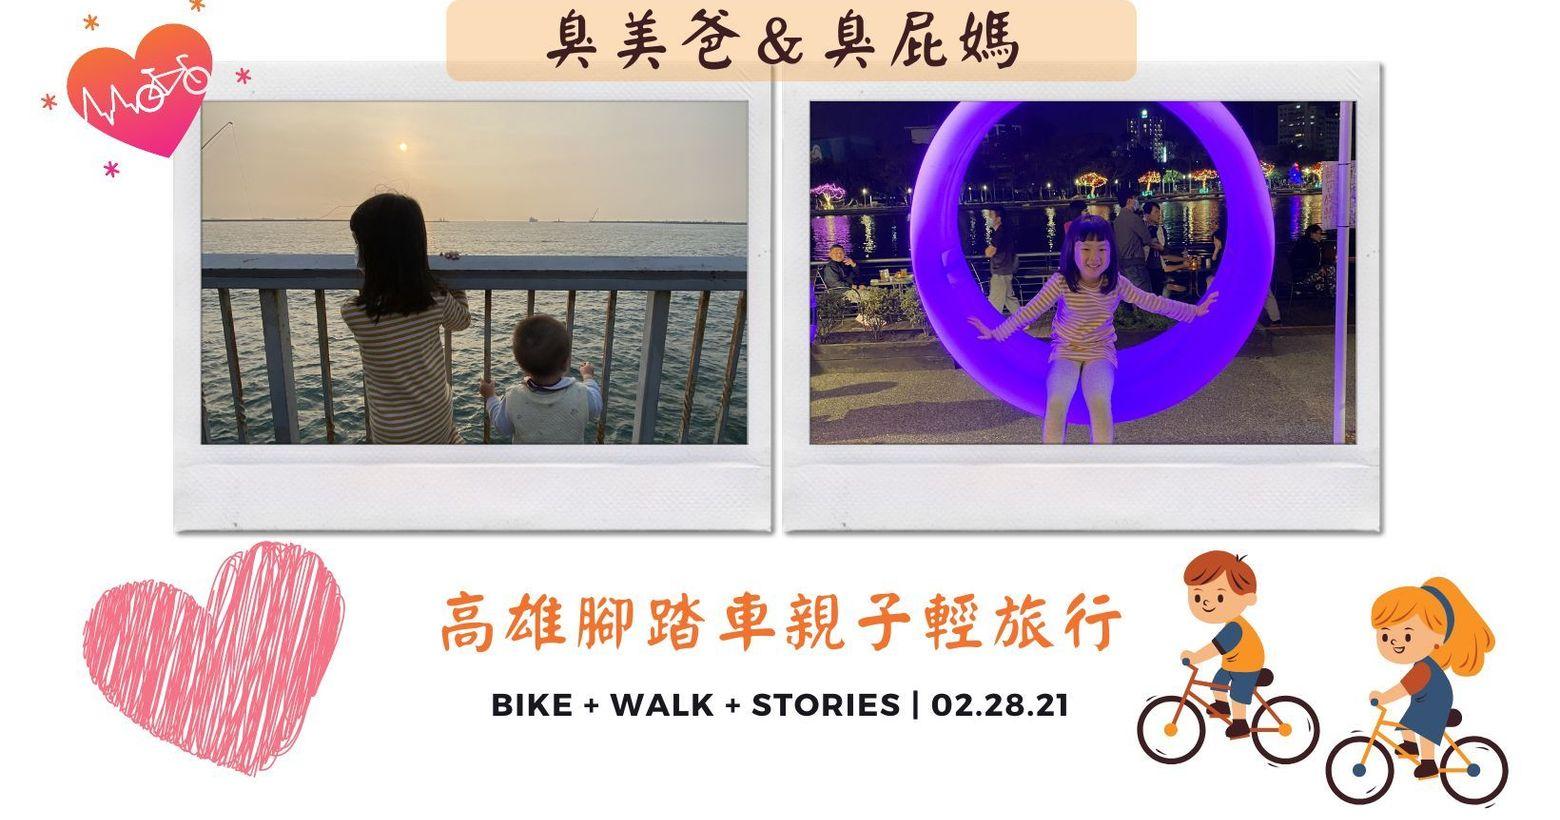 高雄腳踏車親子輕旅行:駁二、西子灣、愛河一日重訓行程每次連假都在吃飽睡、睡飽吃、附近公園、國小操場中